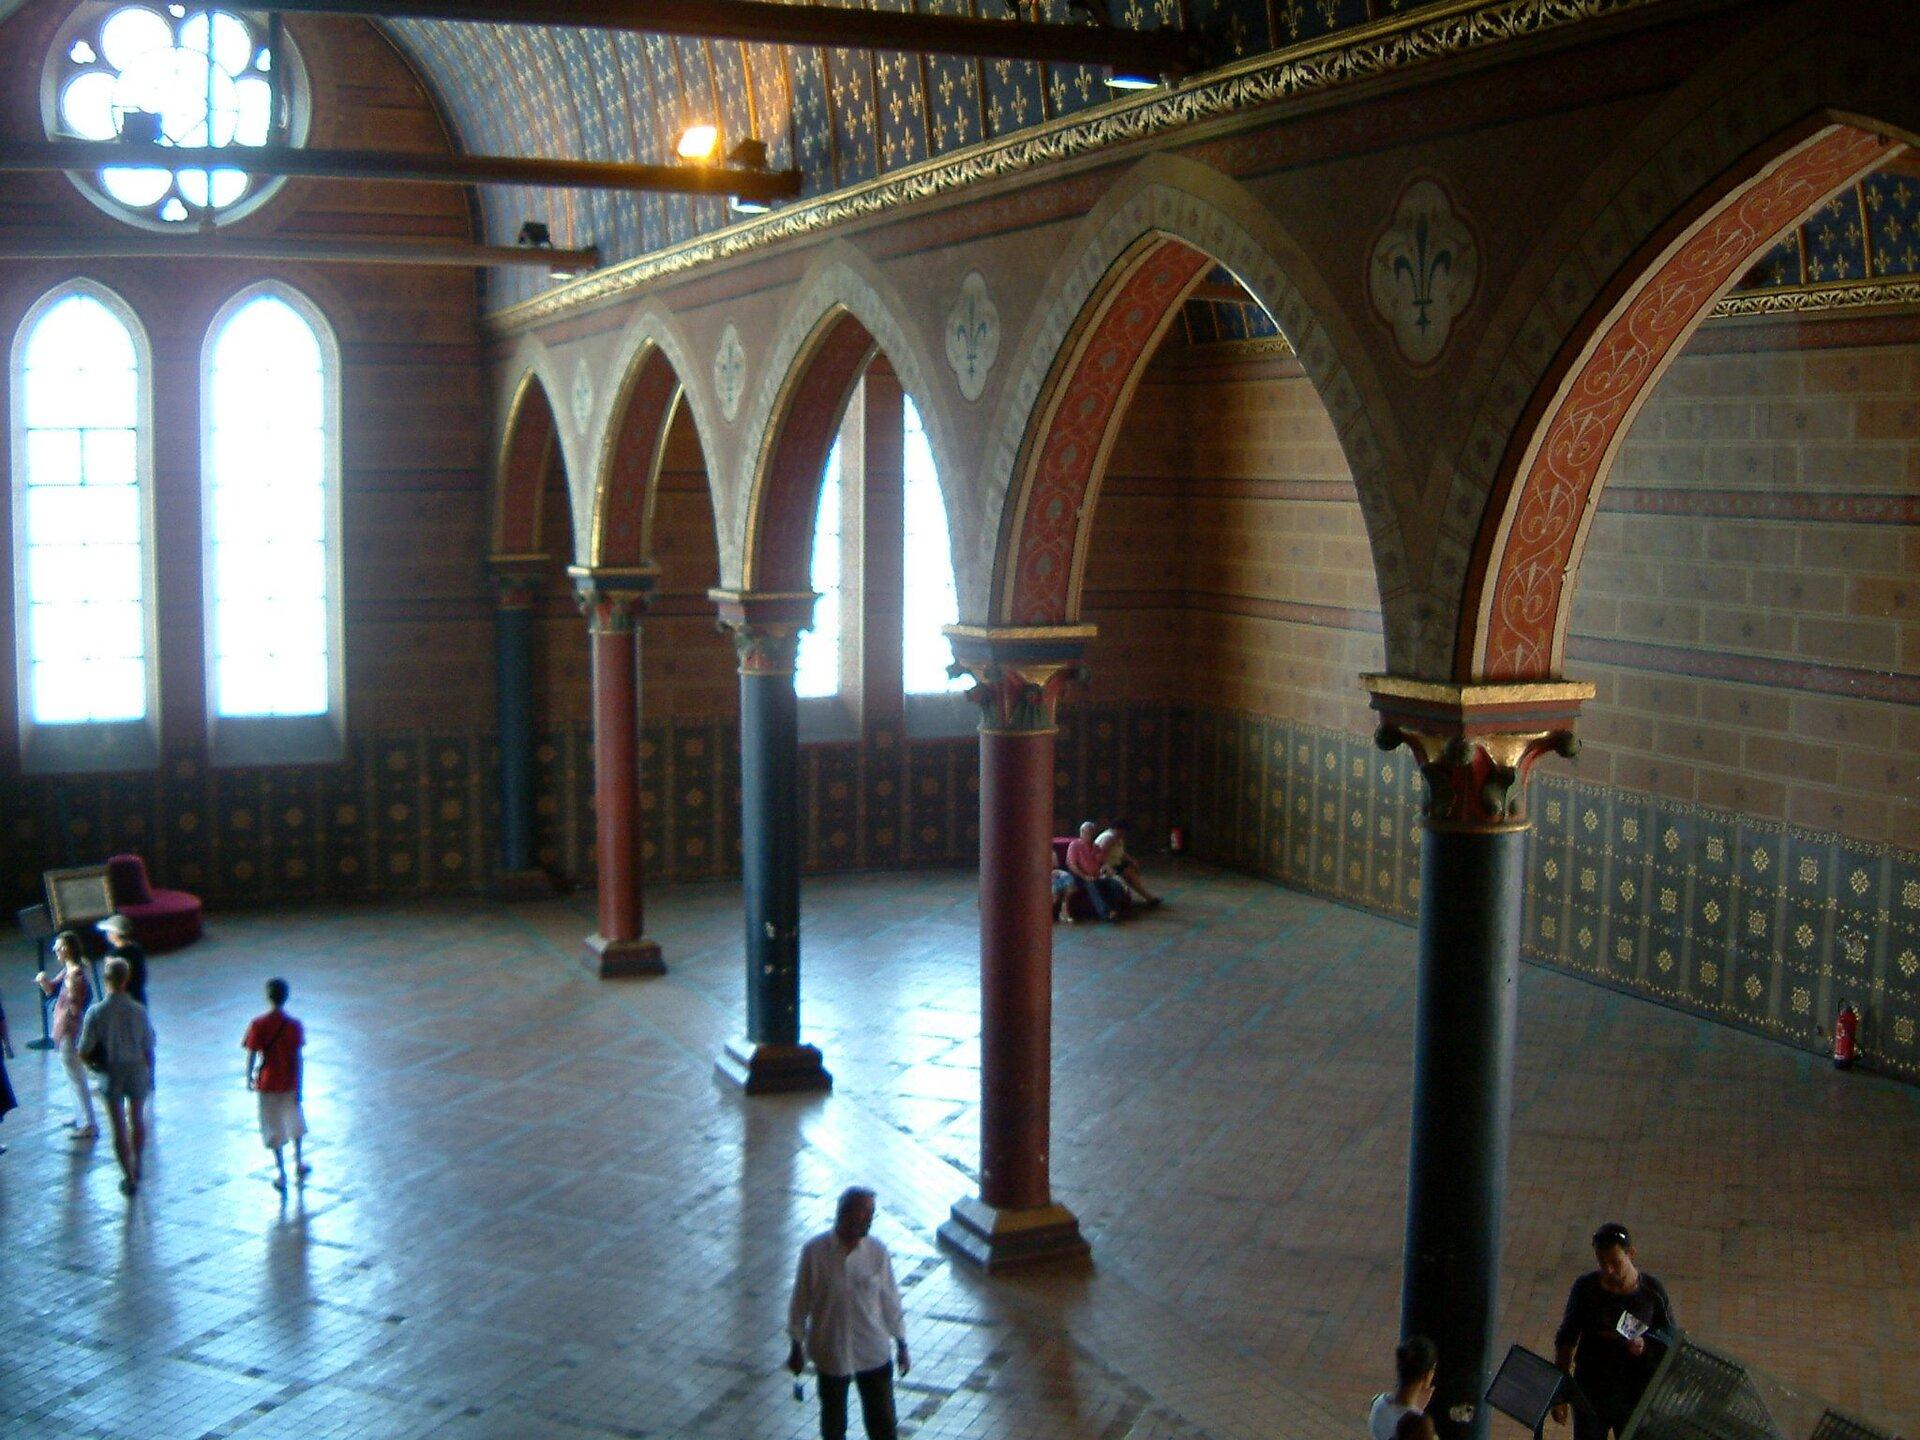 Wielka sala wzamku wBlois, wktórej odbyły się zgromadzenia Stanów Generalnych Francji wl. 1576-1577. Wielka sala wzamku wBlois, wktórej odbyły się zgromadzenia Stanów Generalnych Francji wl. 1576-1577. Źródło: Christophe Finot, Wikimedia Commons, licencja: CC BY-SA 2.5.